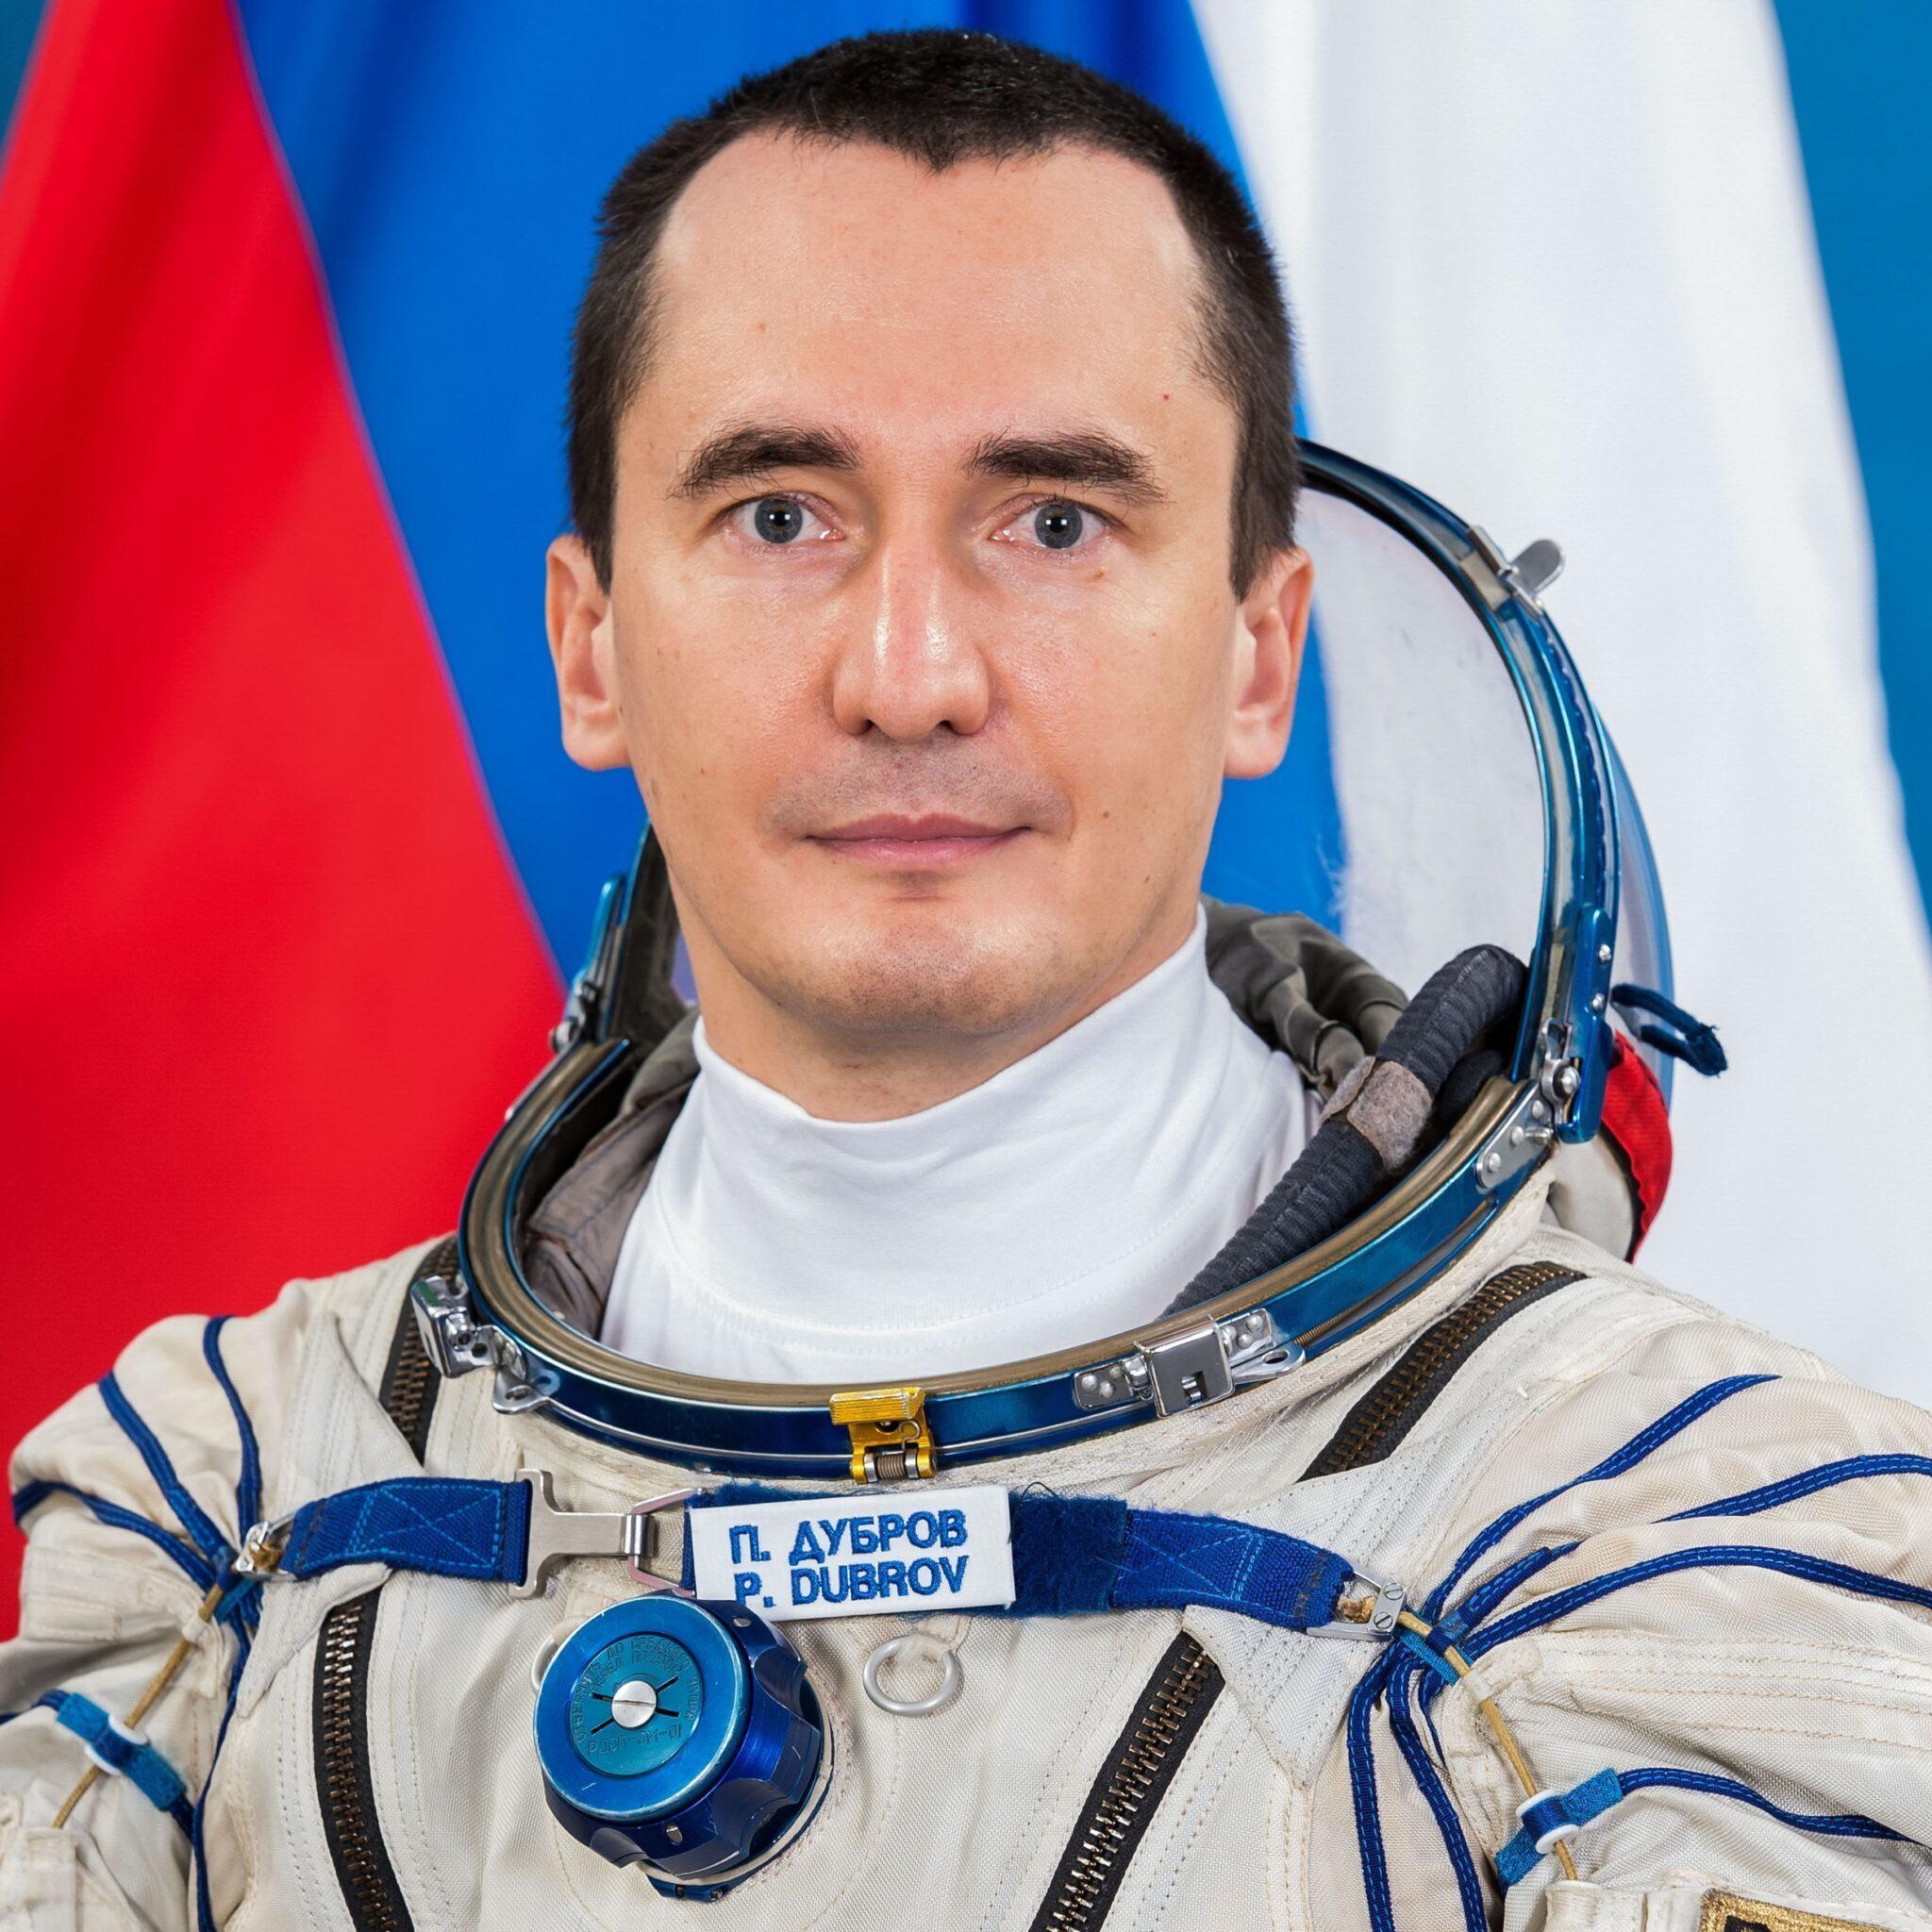 Pyotr Dubrov